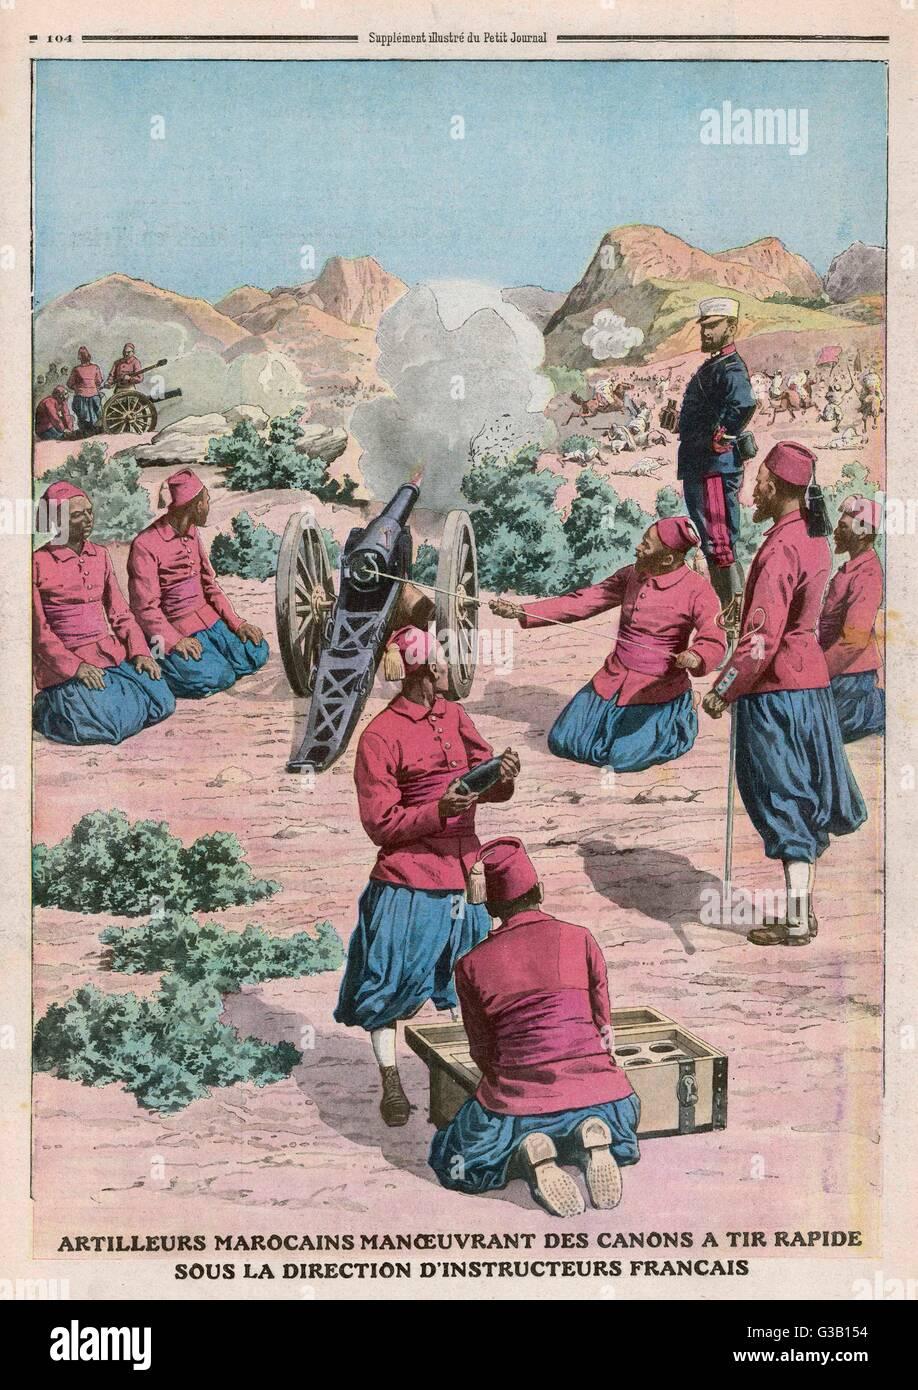 Französisch Lehren Marokkaner, einem schnell feuernden Kanone Datum verwenden: 1911 Stockbild